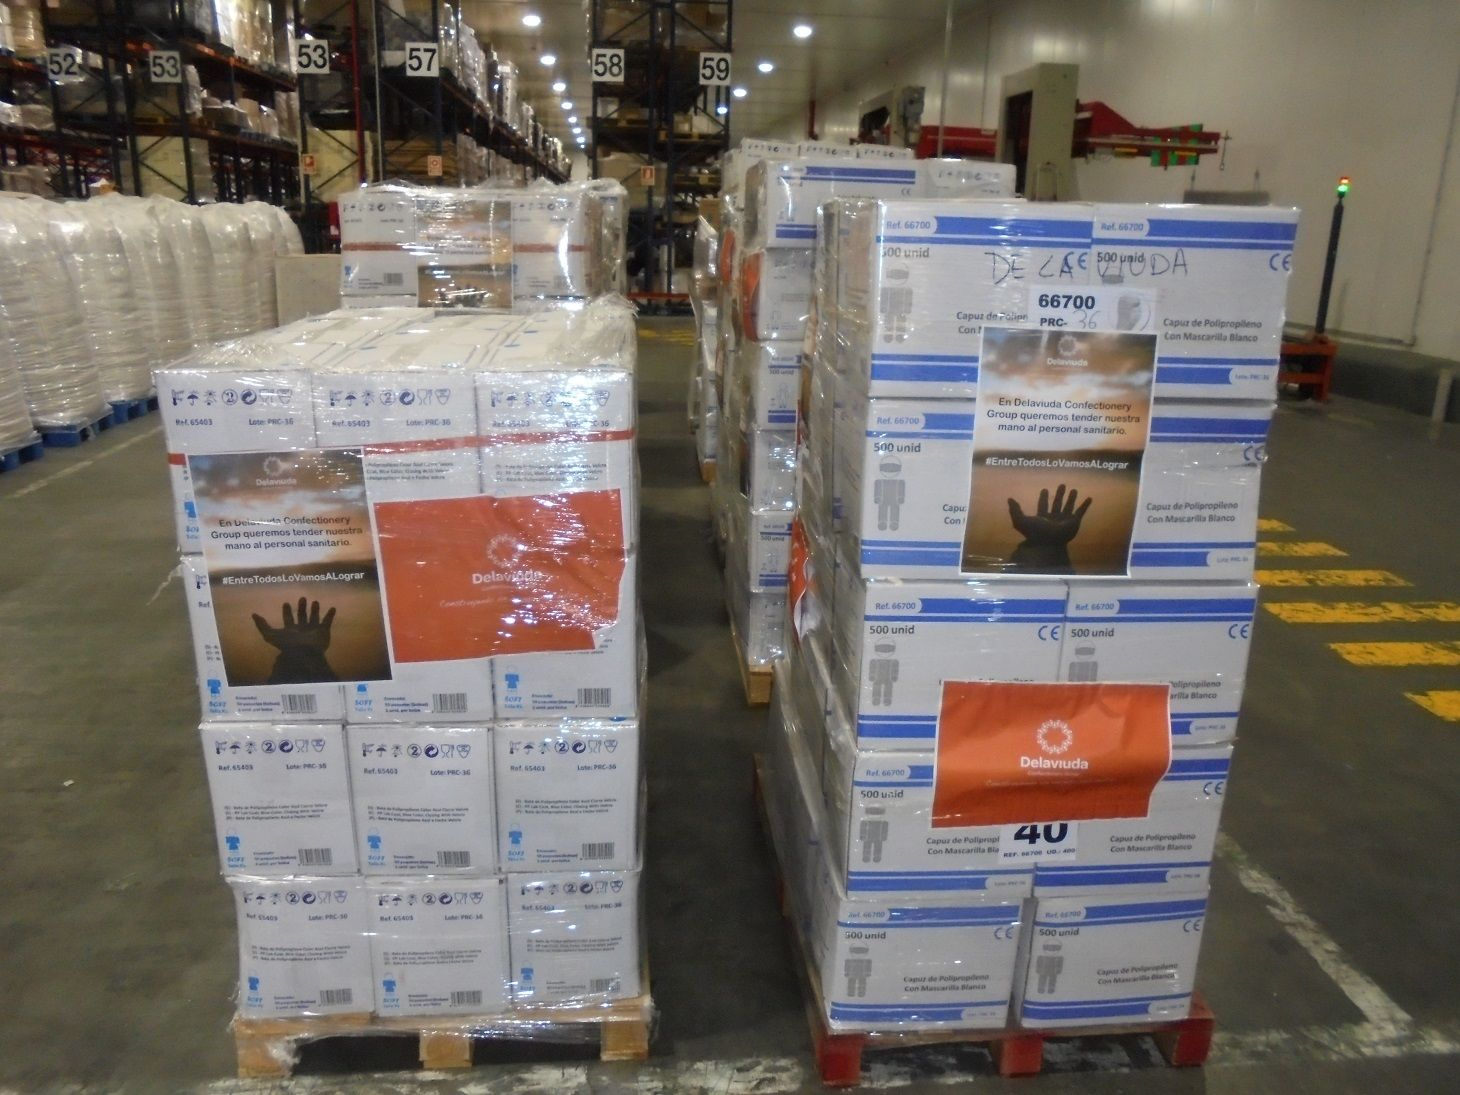 Delaviuda Confectionery Group dona material sanitario al complejo hospitalario Virgen de la Salud de Toledo